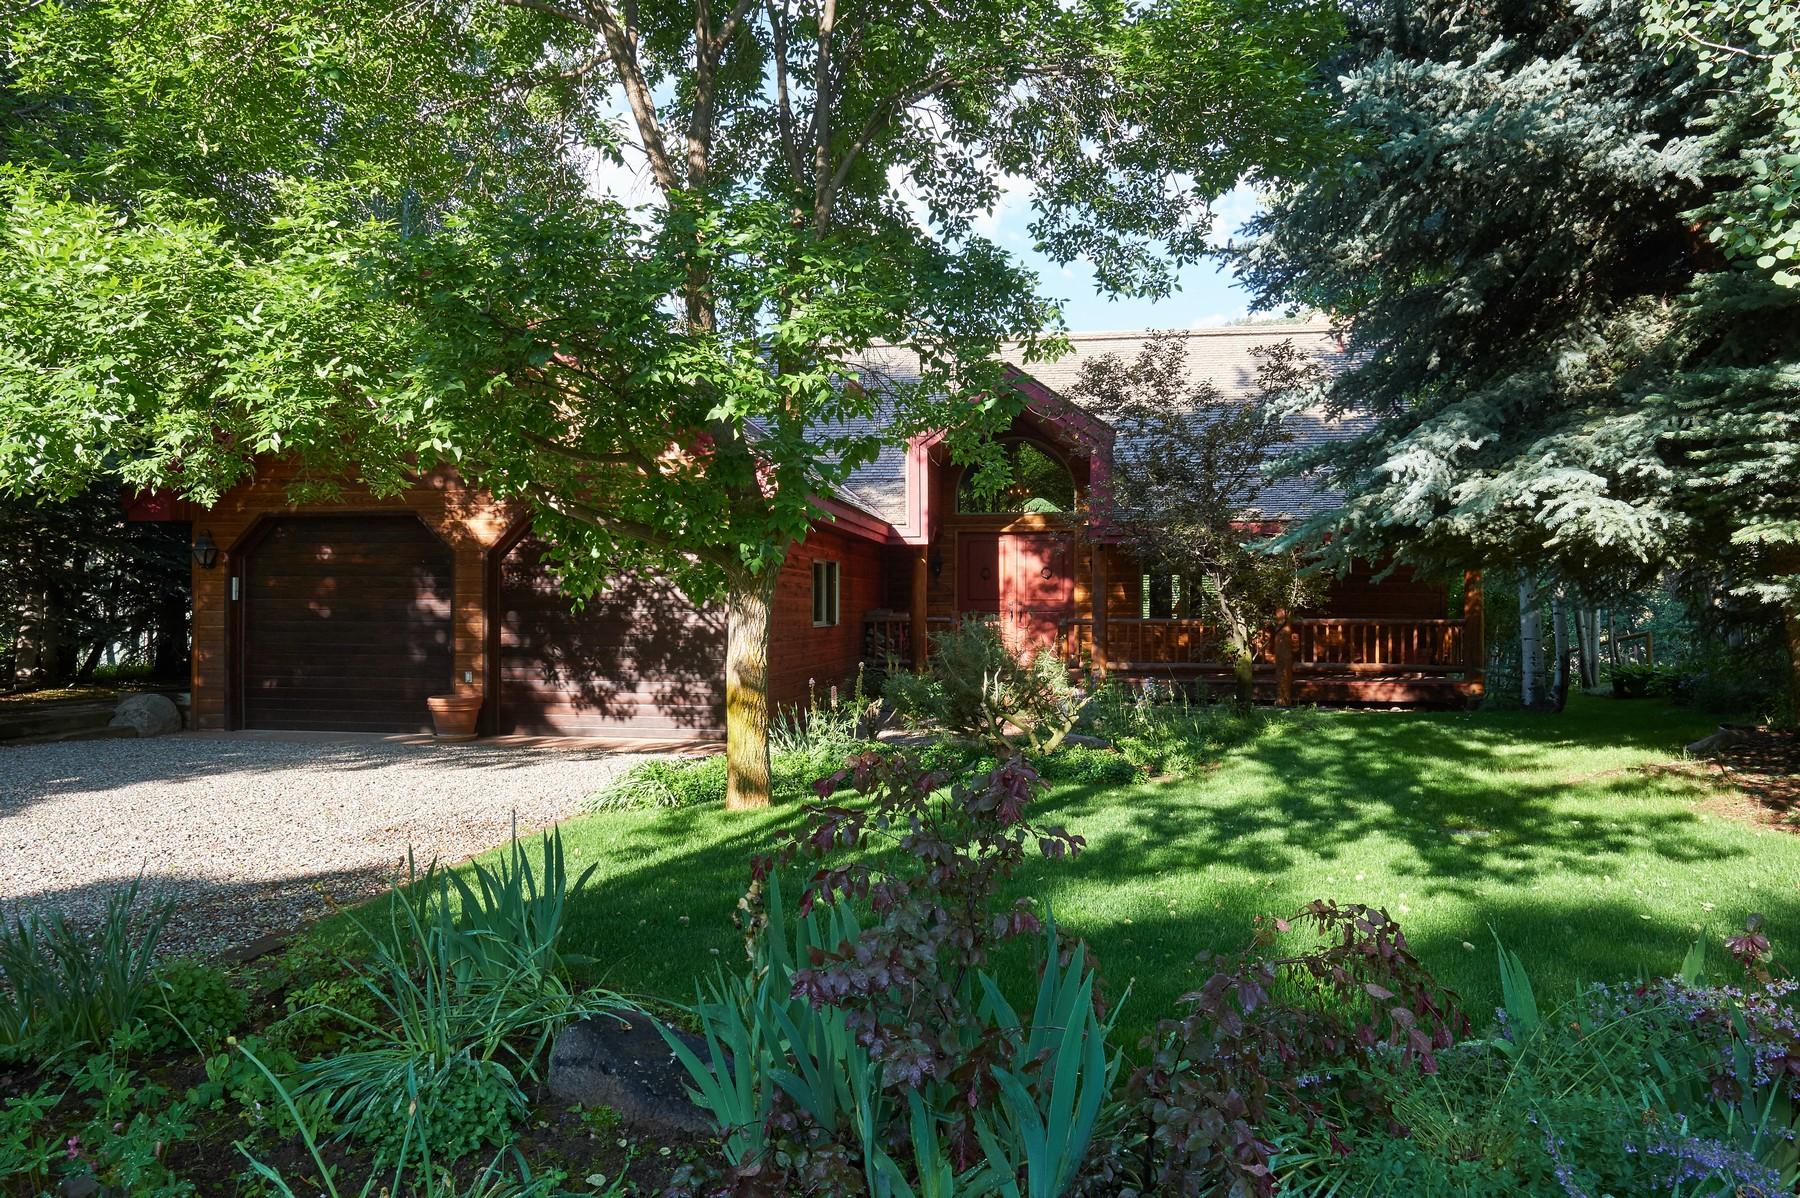 Maison unifamiliale pour l Vente à Riverside Tranquility 109 S. Little Texas Lane Woody Creek, Colorado 81656 États-Unis